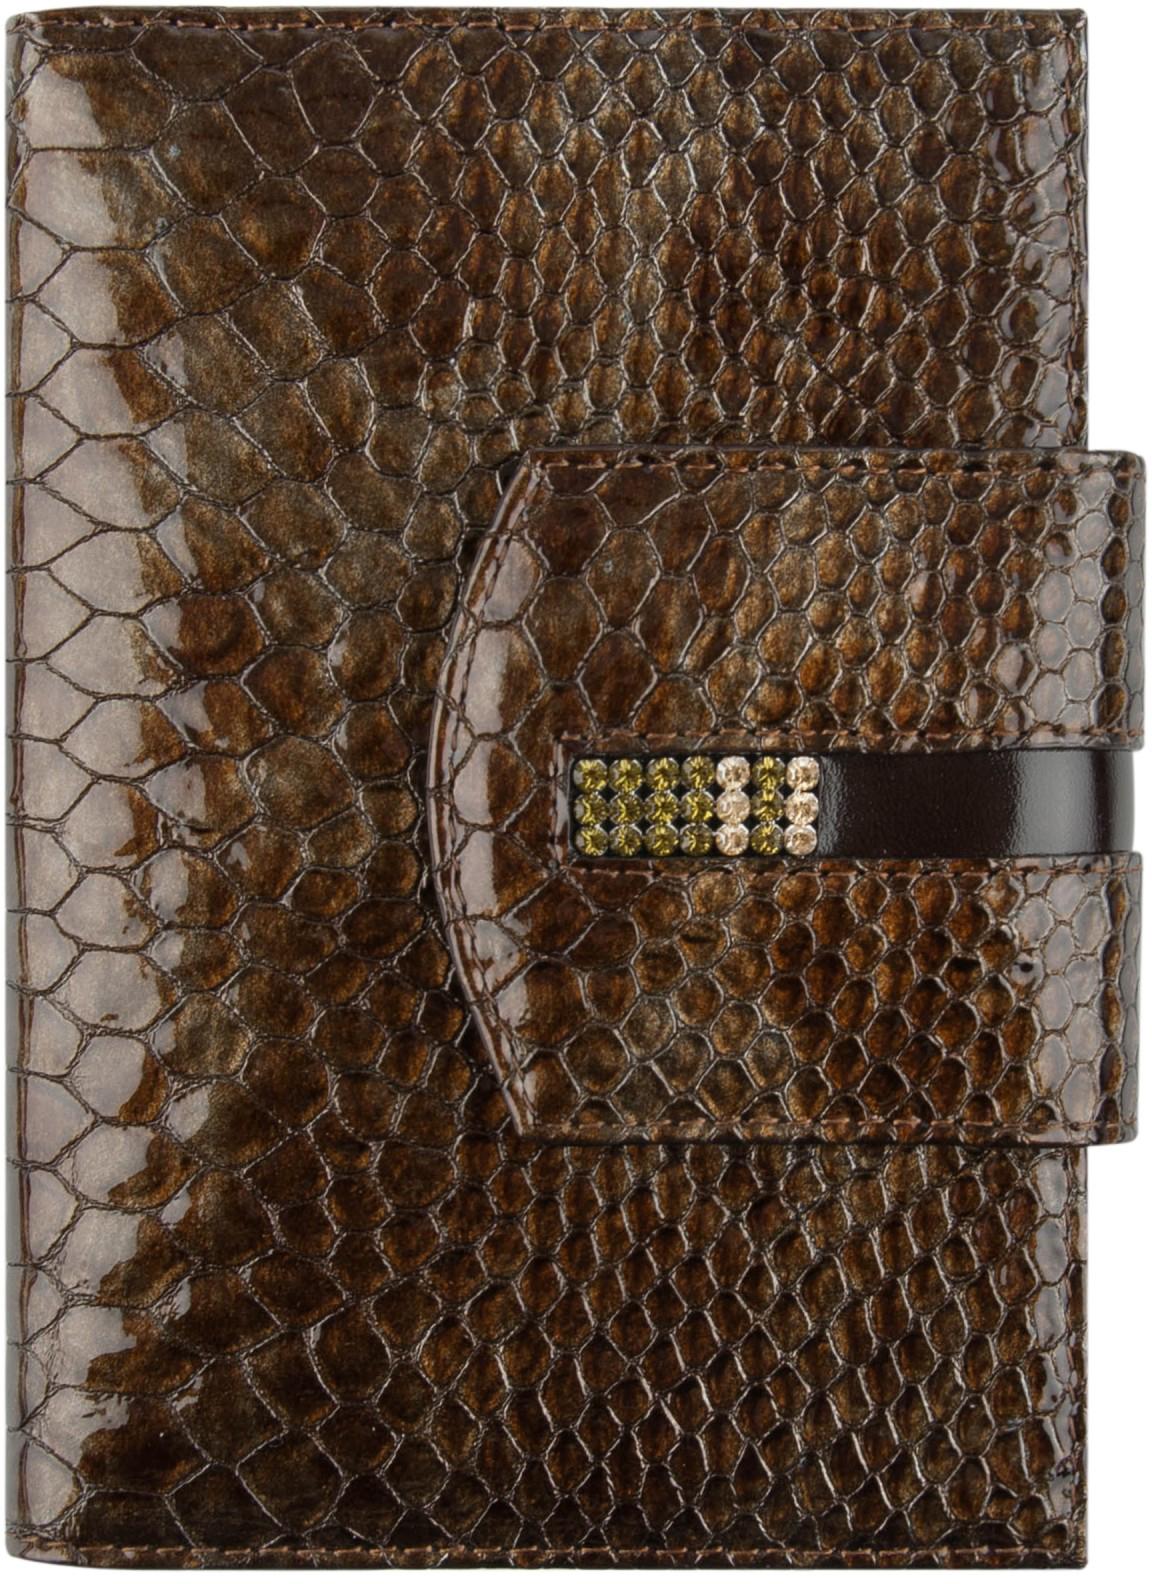 Обложка для автодокументов женская Krystall, цвет: коричневый. 0-490(СВ)Натуральная кожаОригинальные кристаллы Swarovski. Внутри изделия имеется съемный пластиковый вкладыш для авто-документов. С одной стороны 4 кожаных кармана для кредитных карт, а с другой - один дополнительный карман. Само изделие закрывается клапаном на кнопке.